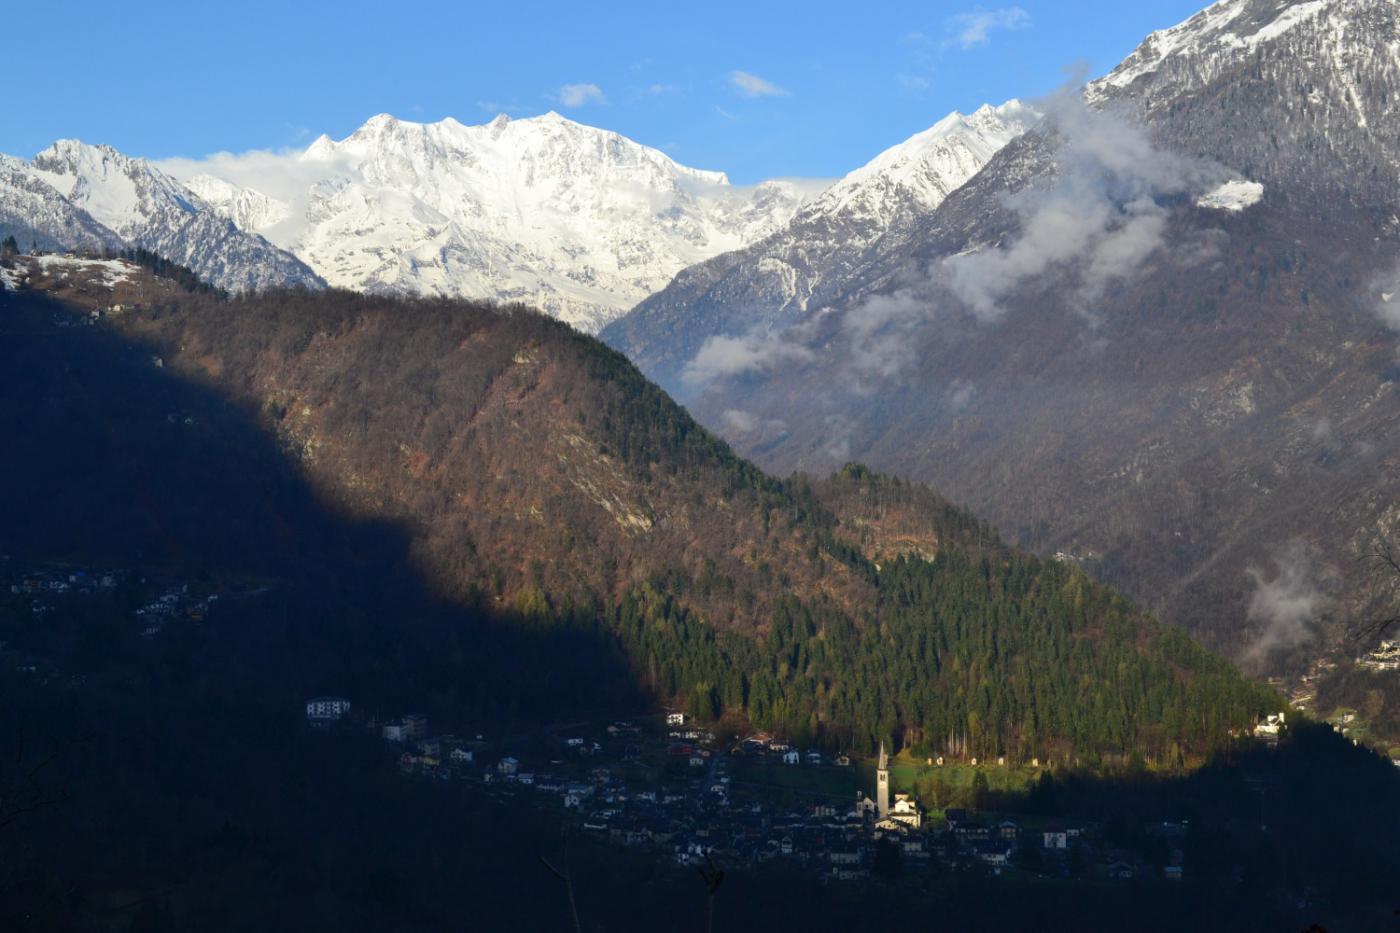 il Monte Rosa e la chiesa di Bannio illuminata dal sole